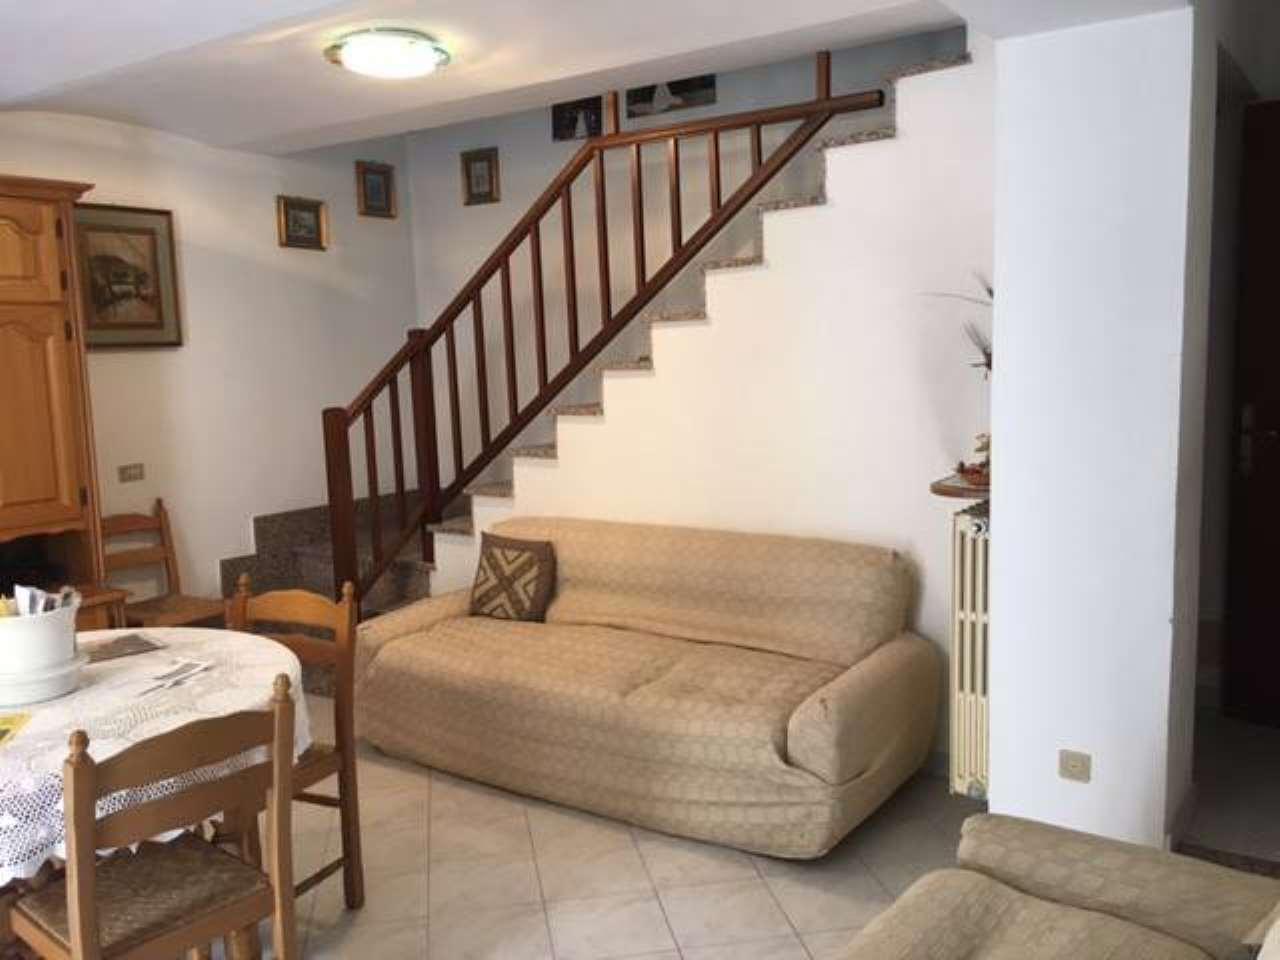 Soluzione Indipendente in vendita a Quattordio, 3 locali, prezzo € 100.000 | CambioCasa.it